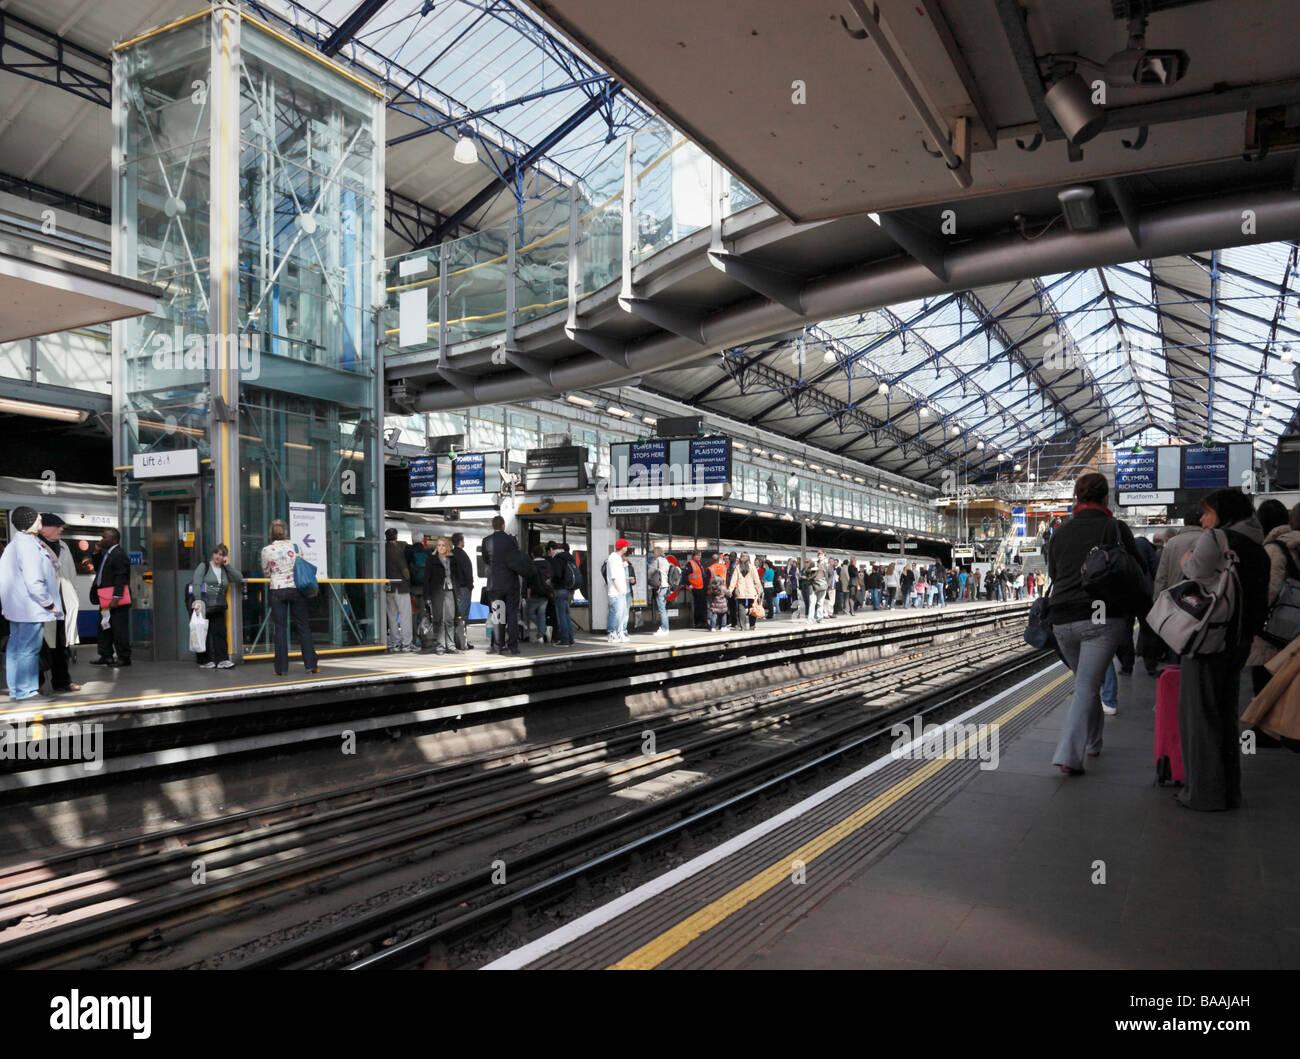 Inside Earls Court underground Station London England UK - Stock Image